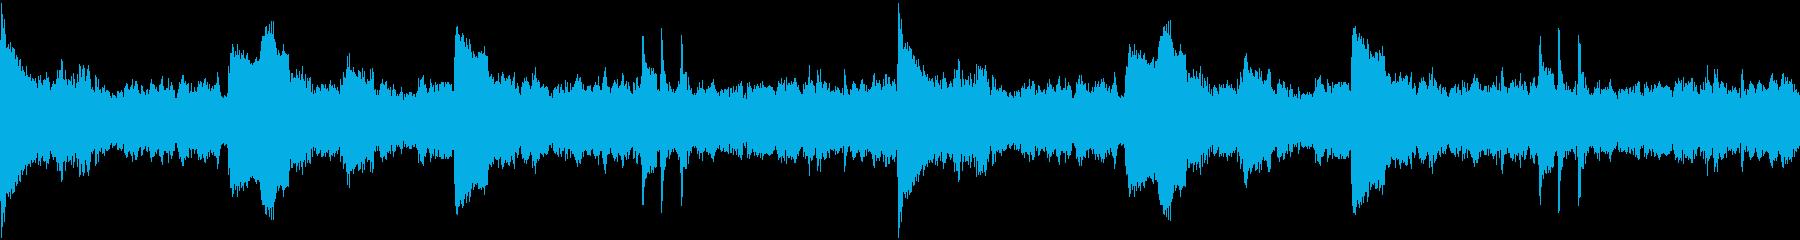 ギタースパークとグルーヴィーなリズ...の再生済みの波形